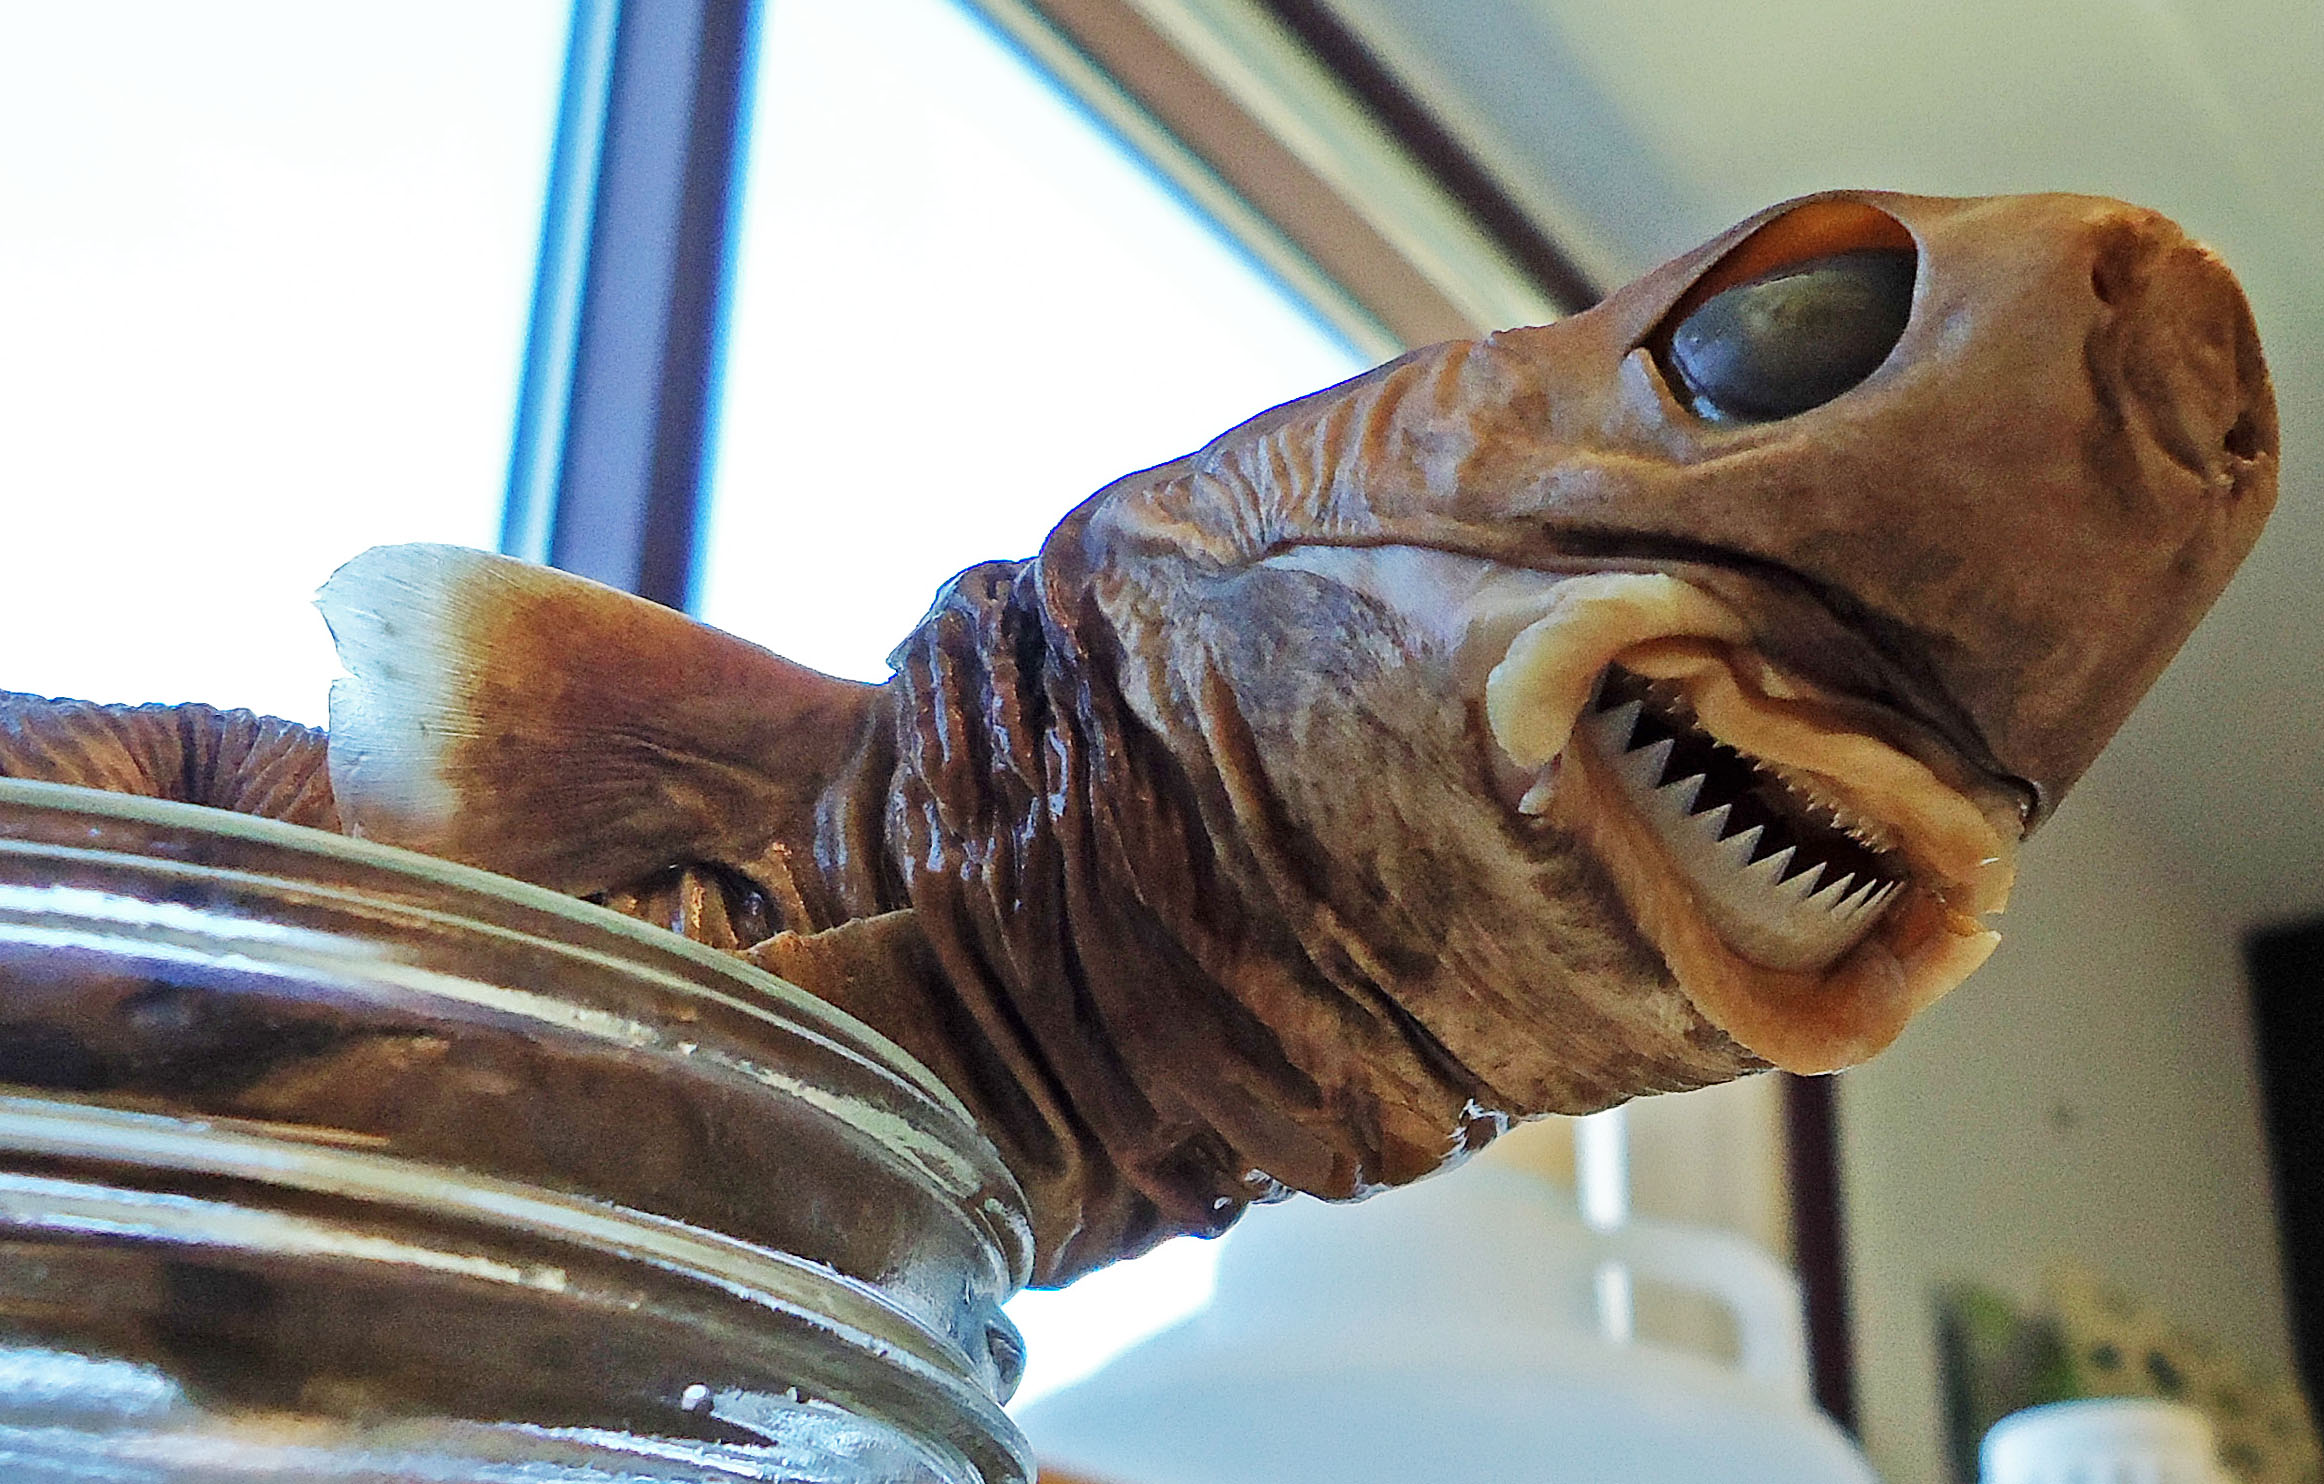 Cookiecutter Shark - preserved